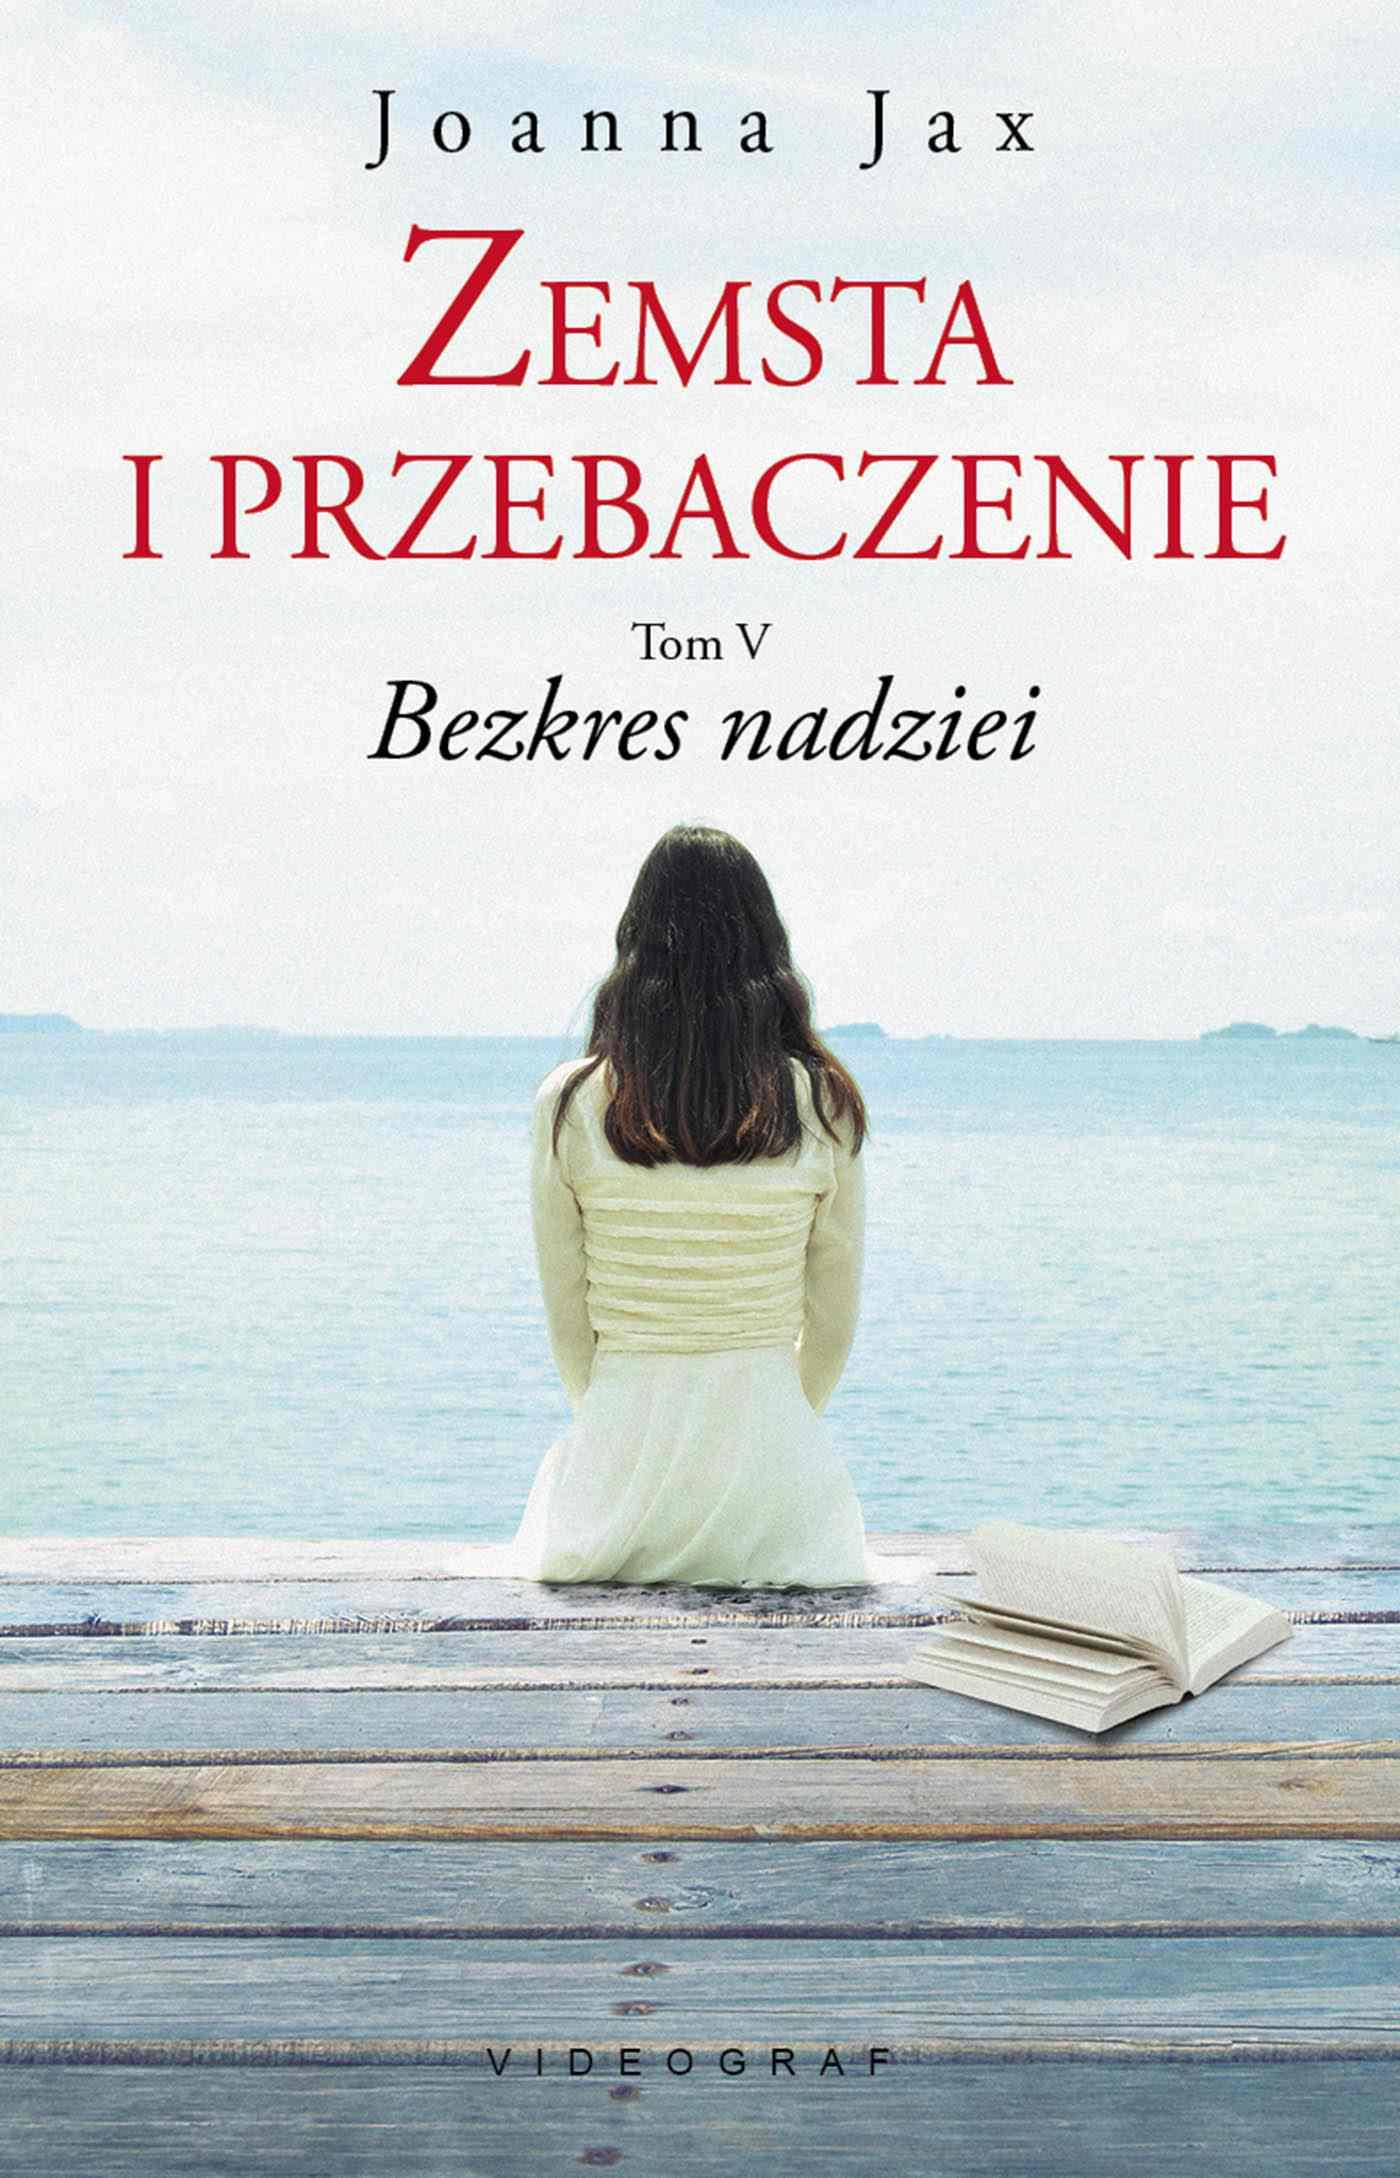 Zemsta i przebaczenie Tom V. Bezkres nadziei - Ebook (Książka na Kindle) do pobrania w formacie MOBI